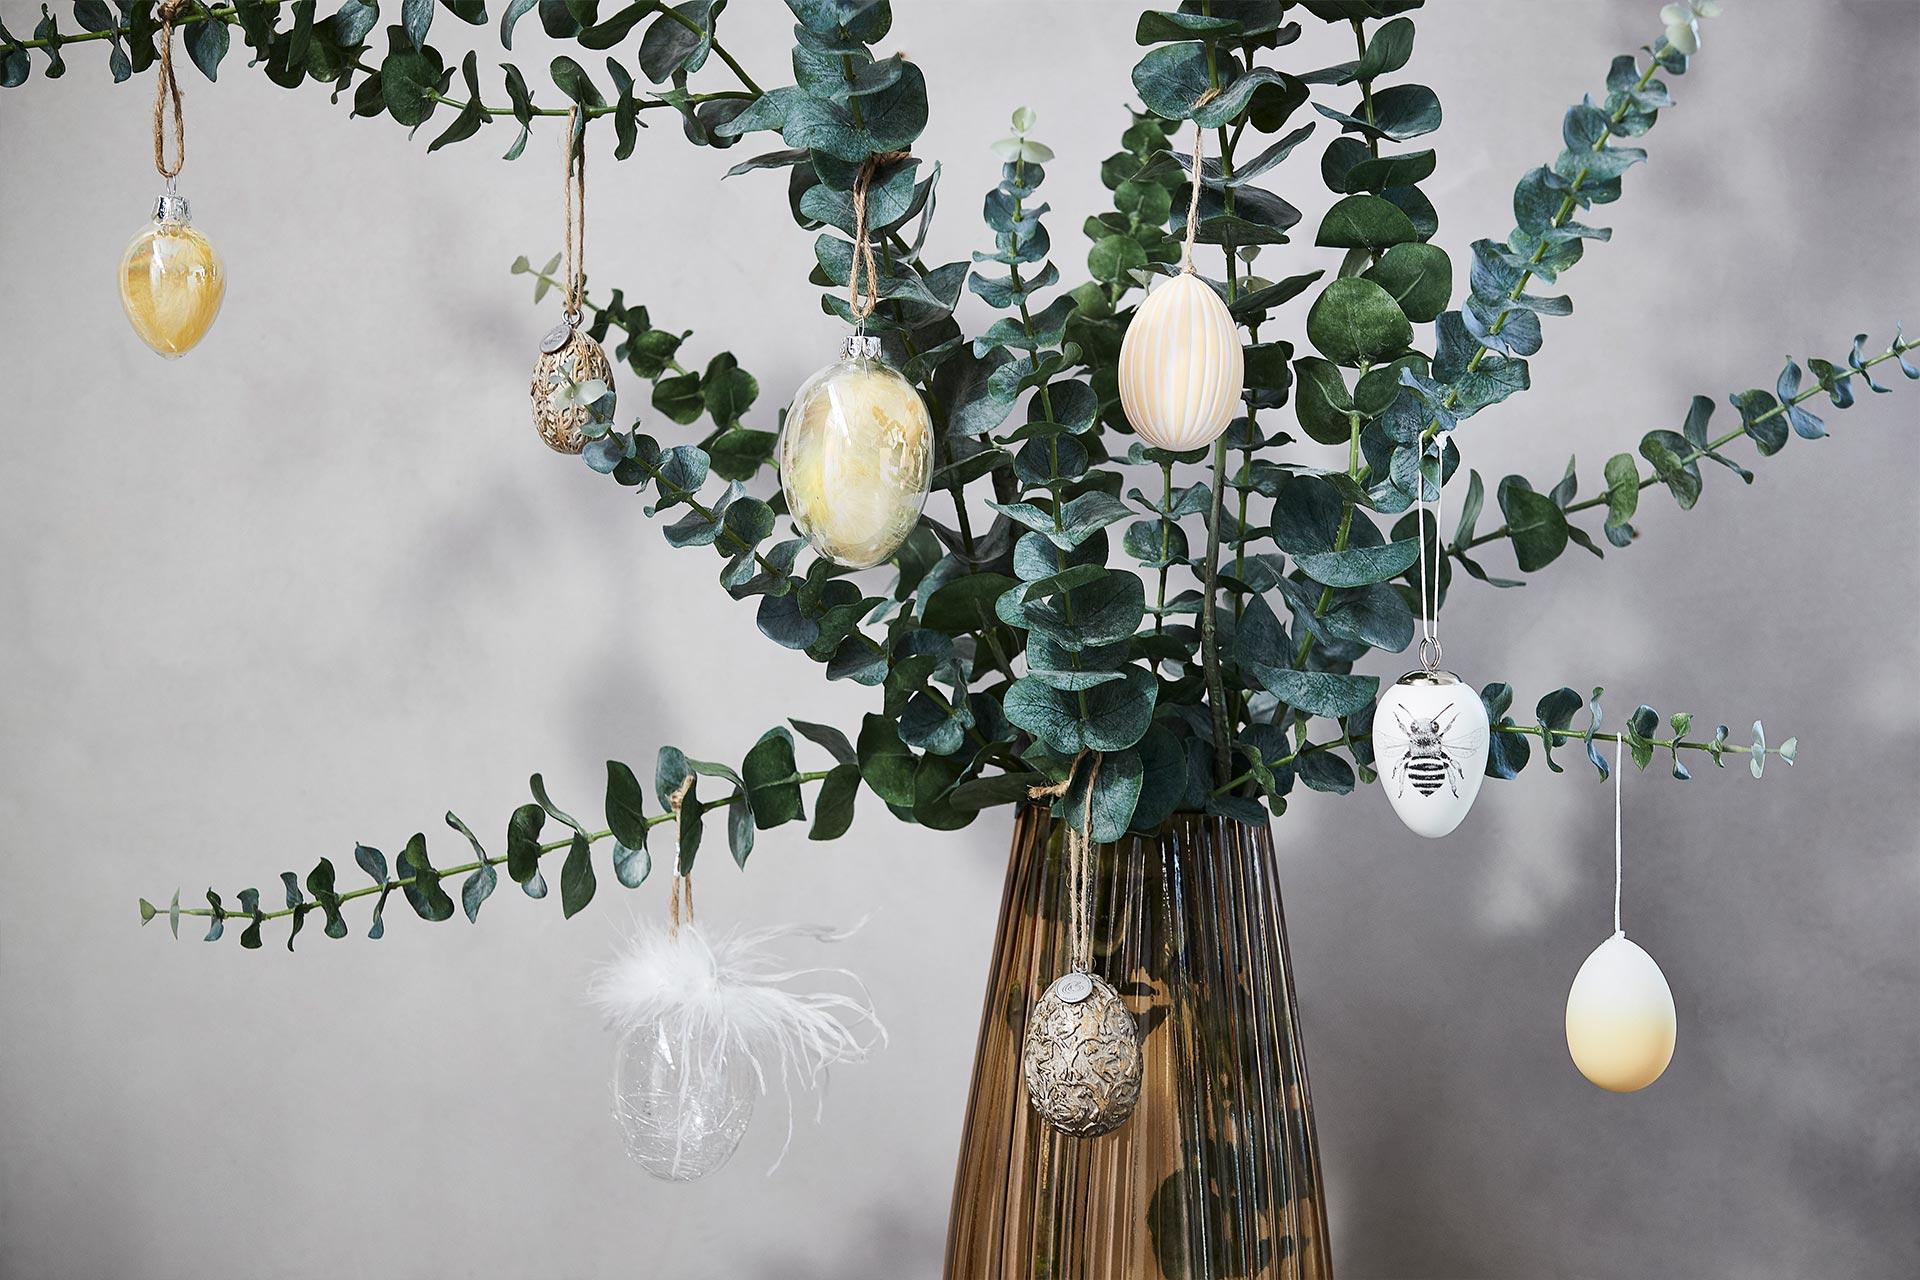 Oster Ornamente in einer Glasvase